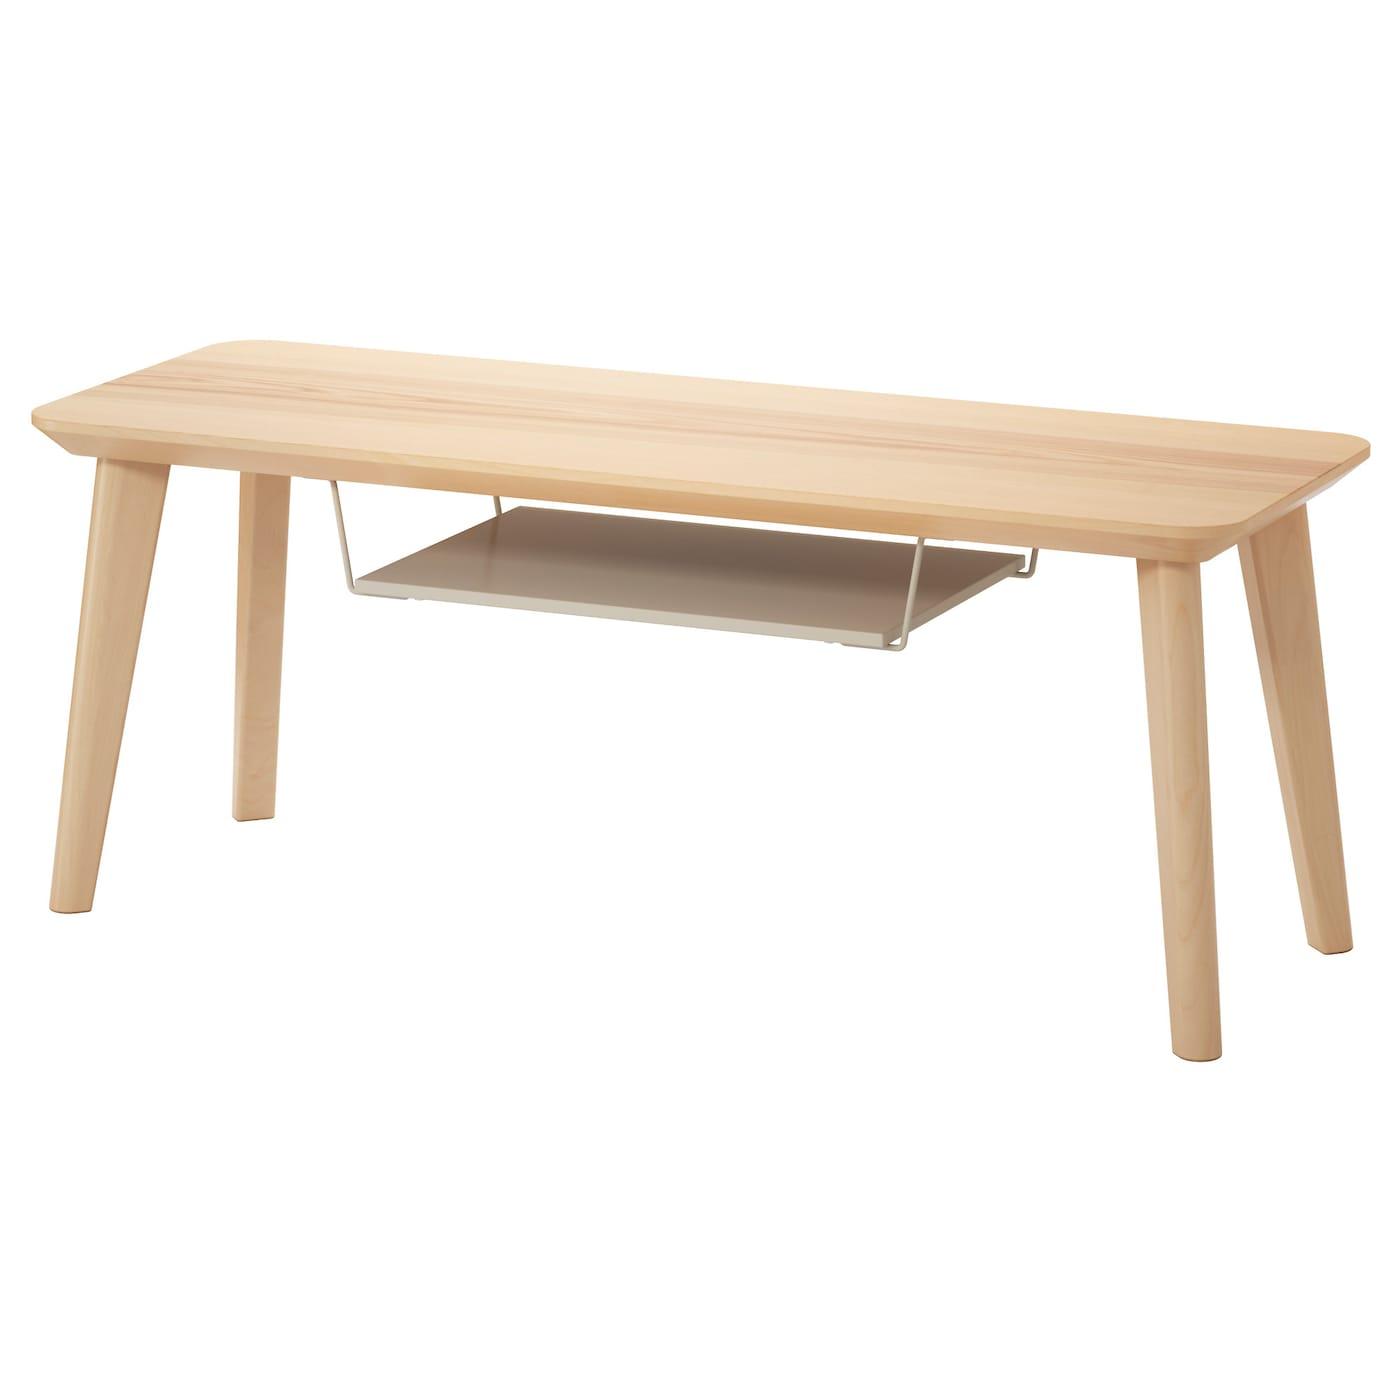 lisabo tv bench ash veneer 114x40 cm ikea. Black Bedroom Furniture Sets. Home Design Ideas